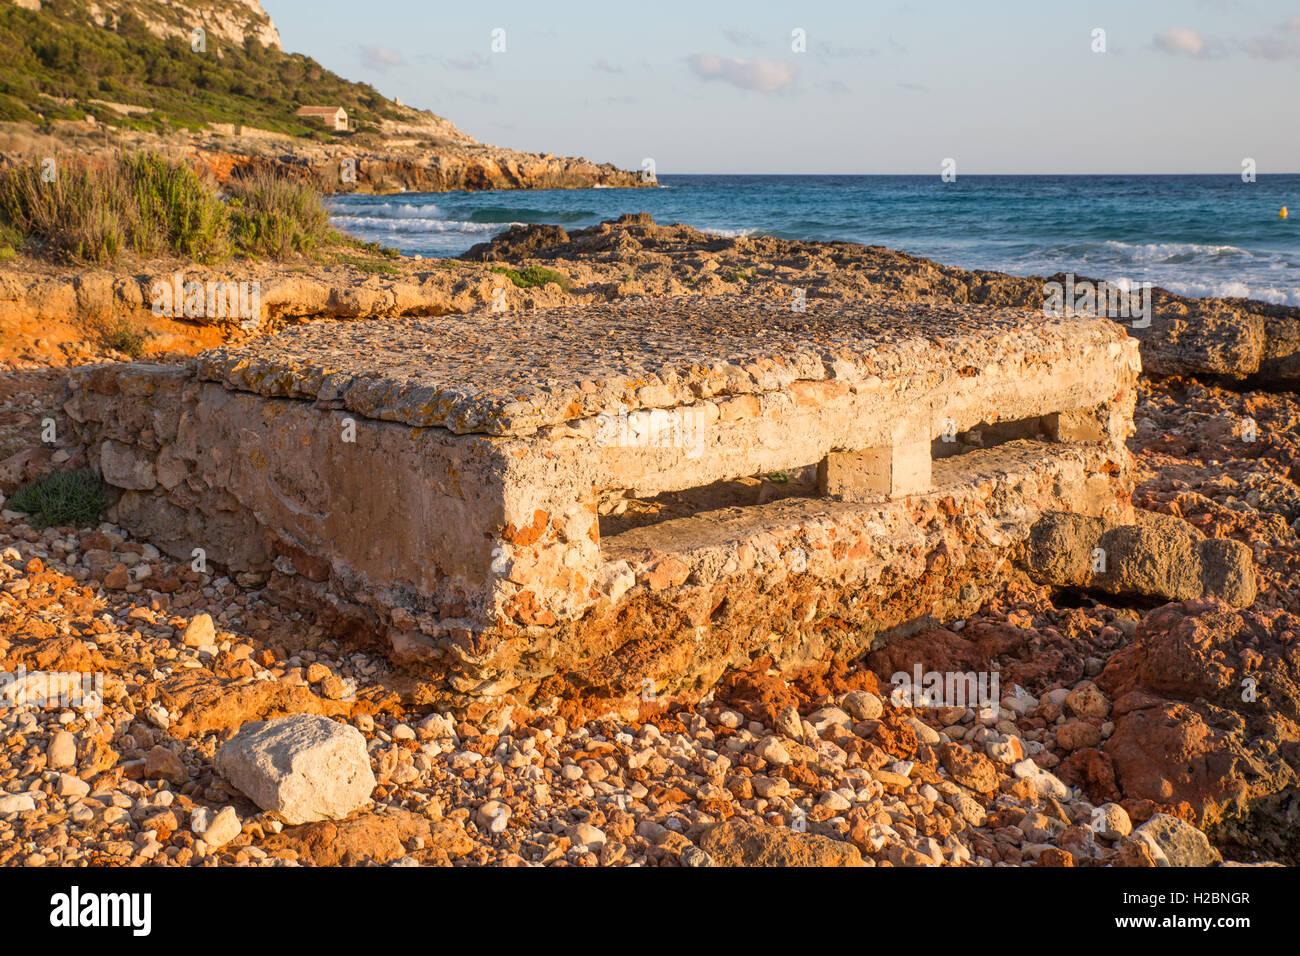 La défense côtière casemate sur plage de Son Bou Minorque Photo Stock